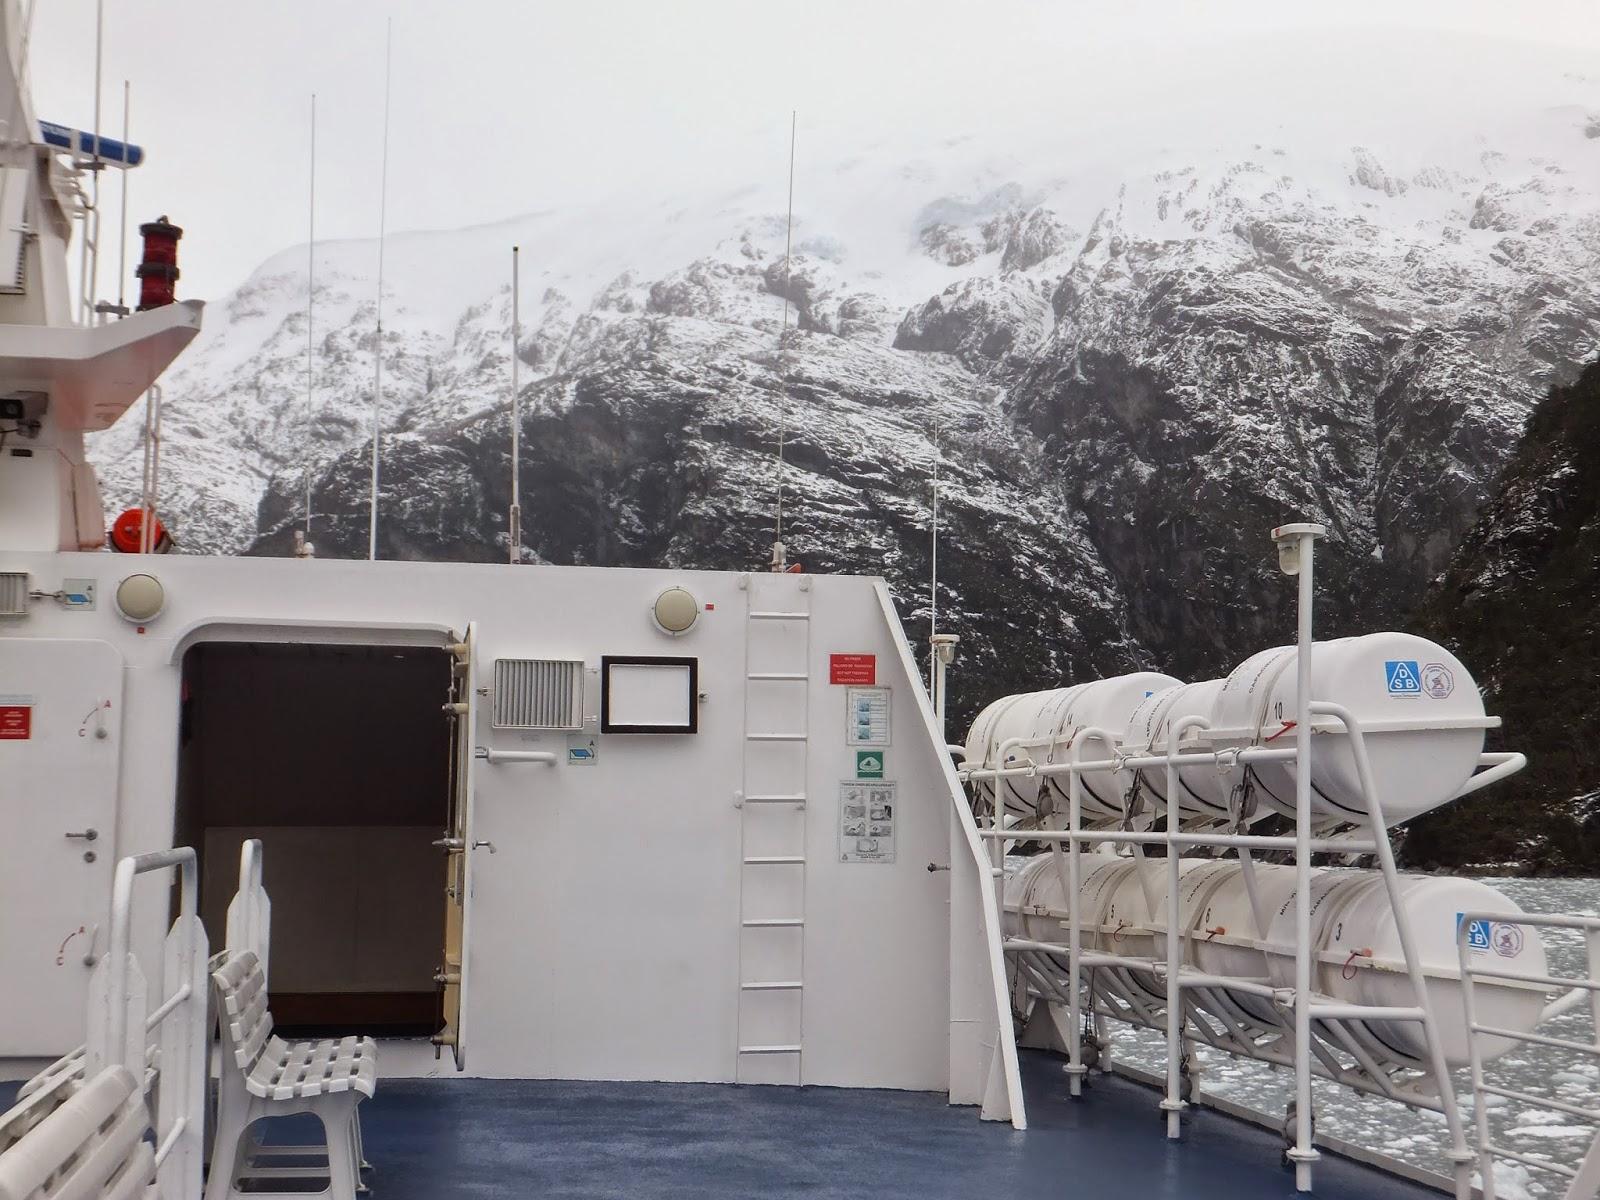 Crucero Australis, Cabo de Hornos, Patagonia, Canal de Beagle, Ushuaia, Chile, Argentina